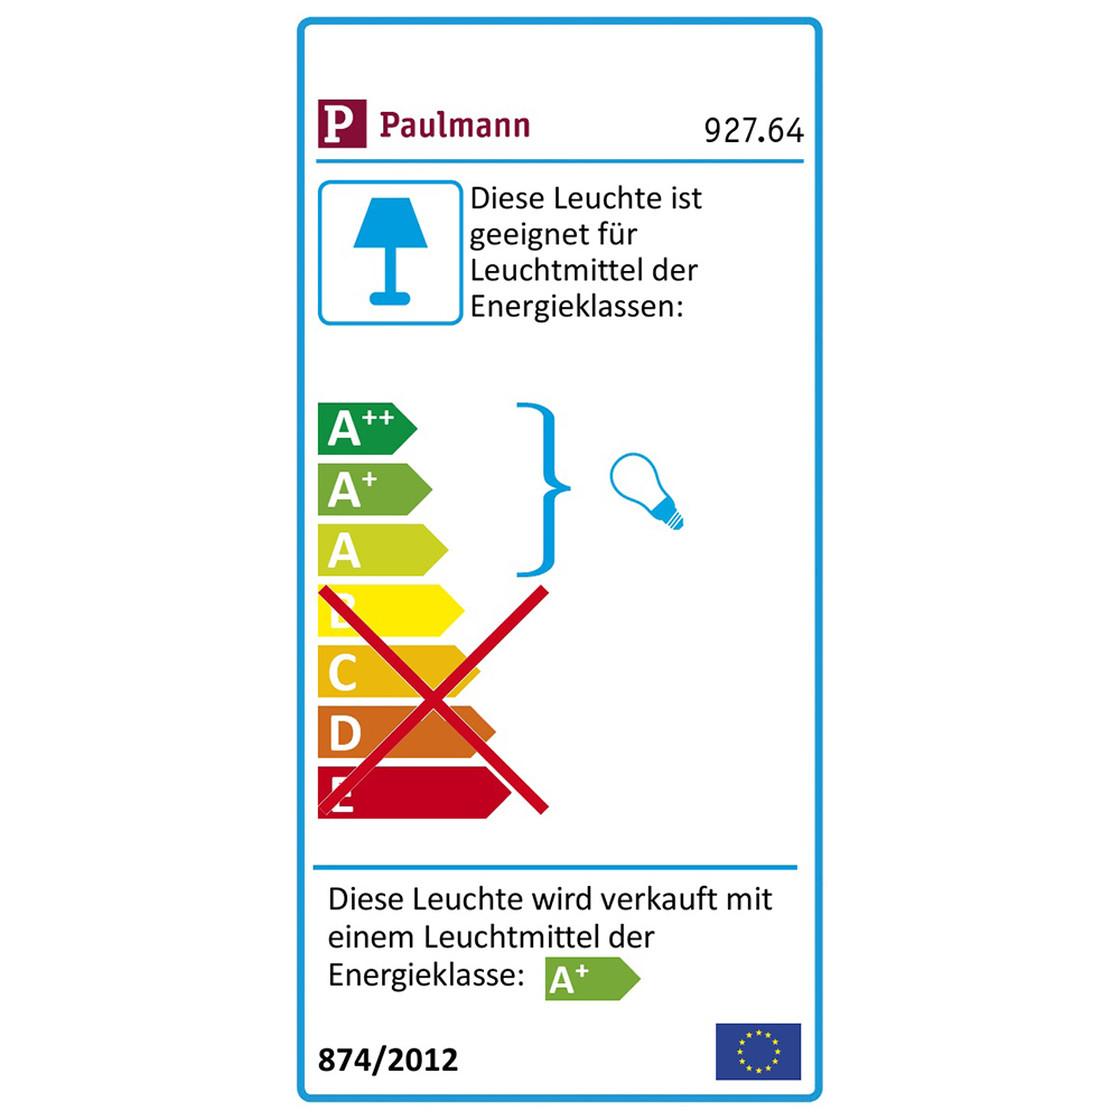 paulmann premium line coin led 6 8w schwenkbar weiss matt inkl. Black Bedroom Furniture Sets. Home Design Ideas